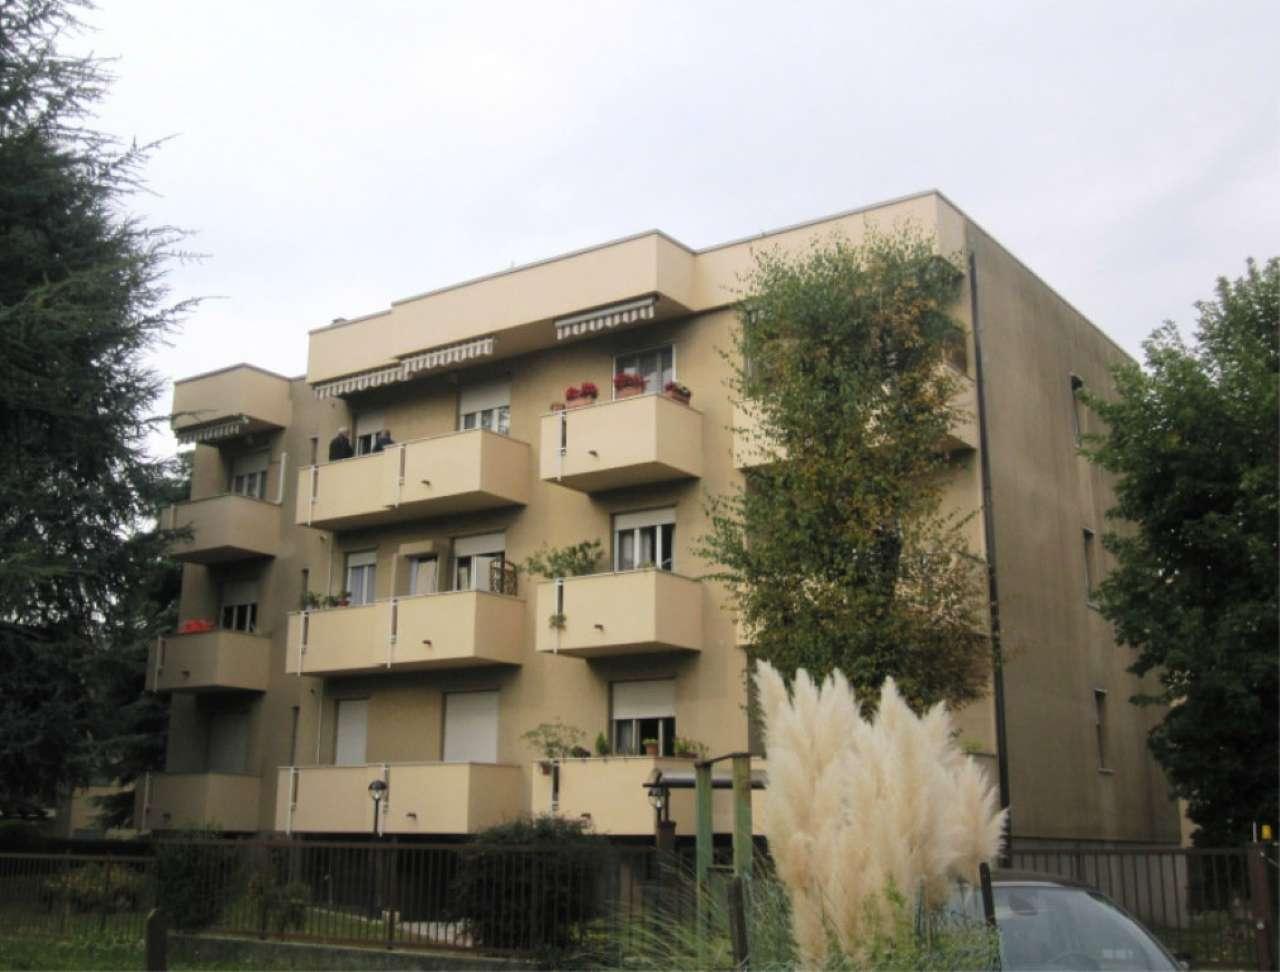 Appartamento in vendita a Verano Brianza, 3 locali, prezzo € 95.000 | CambioCasa.it